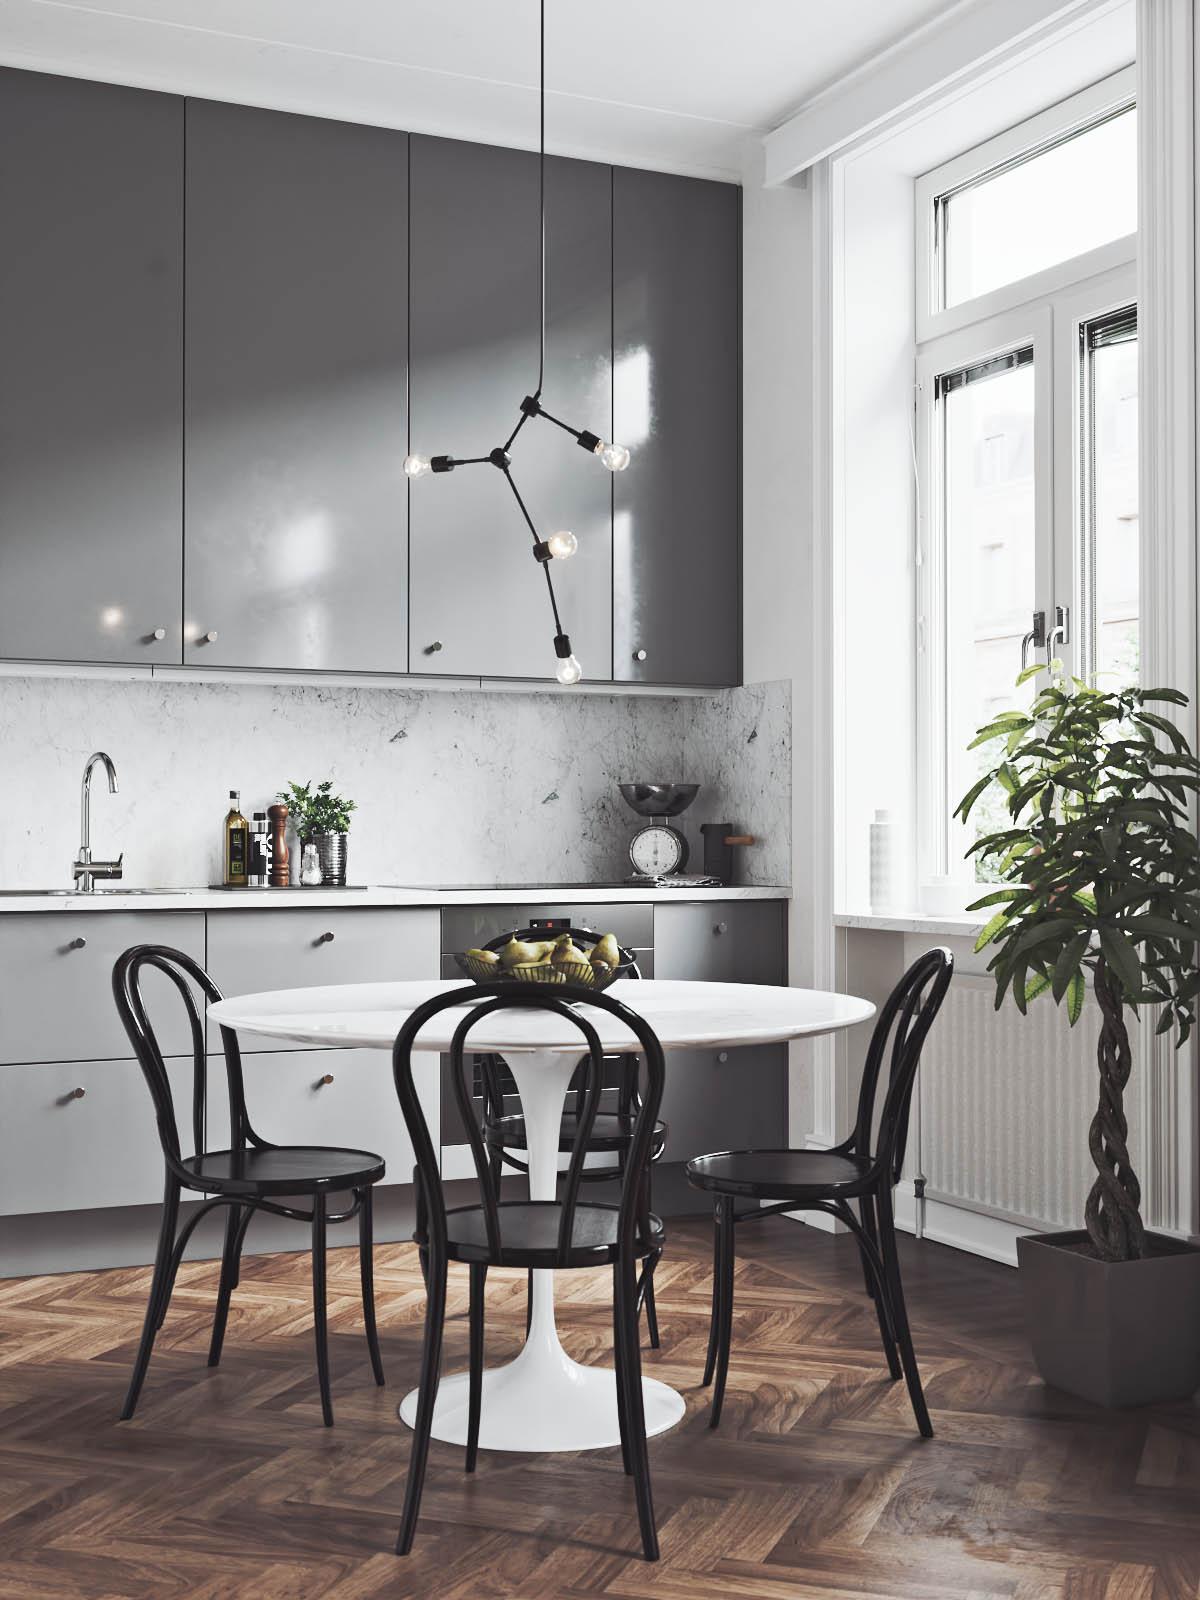 Угловые кухни в 2019-2020 (50 фото): дизайн, новинки, современные идеи маленьких и больших интерьеров